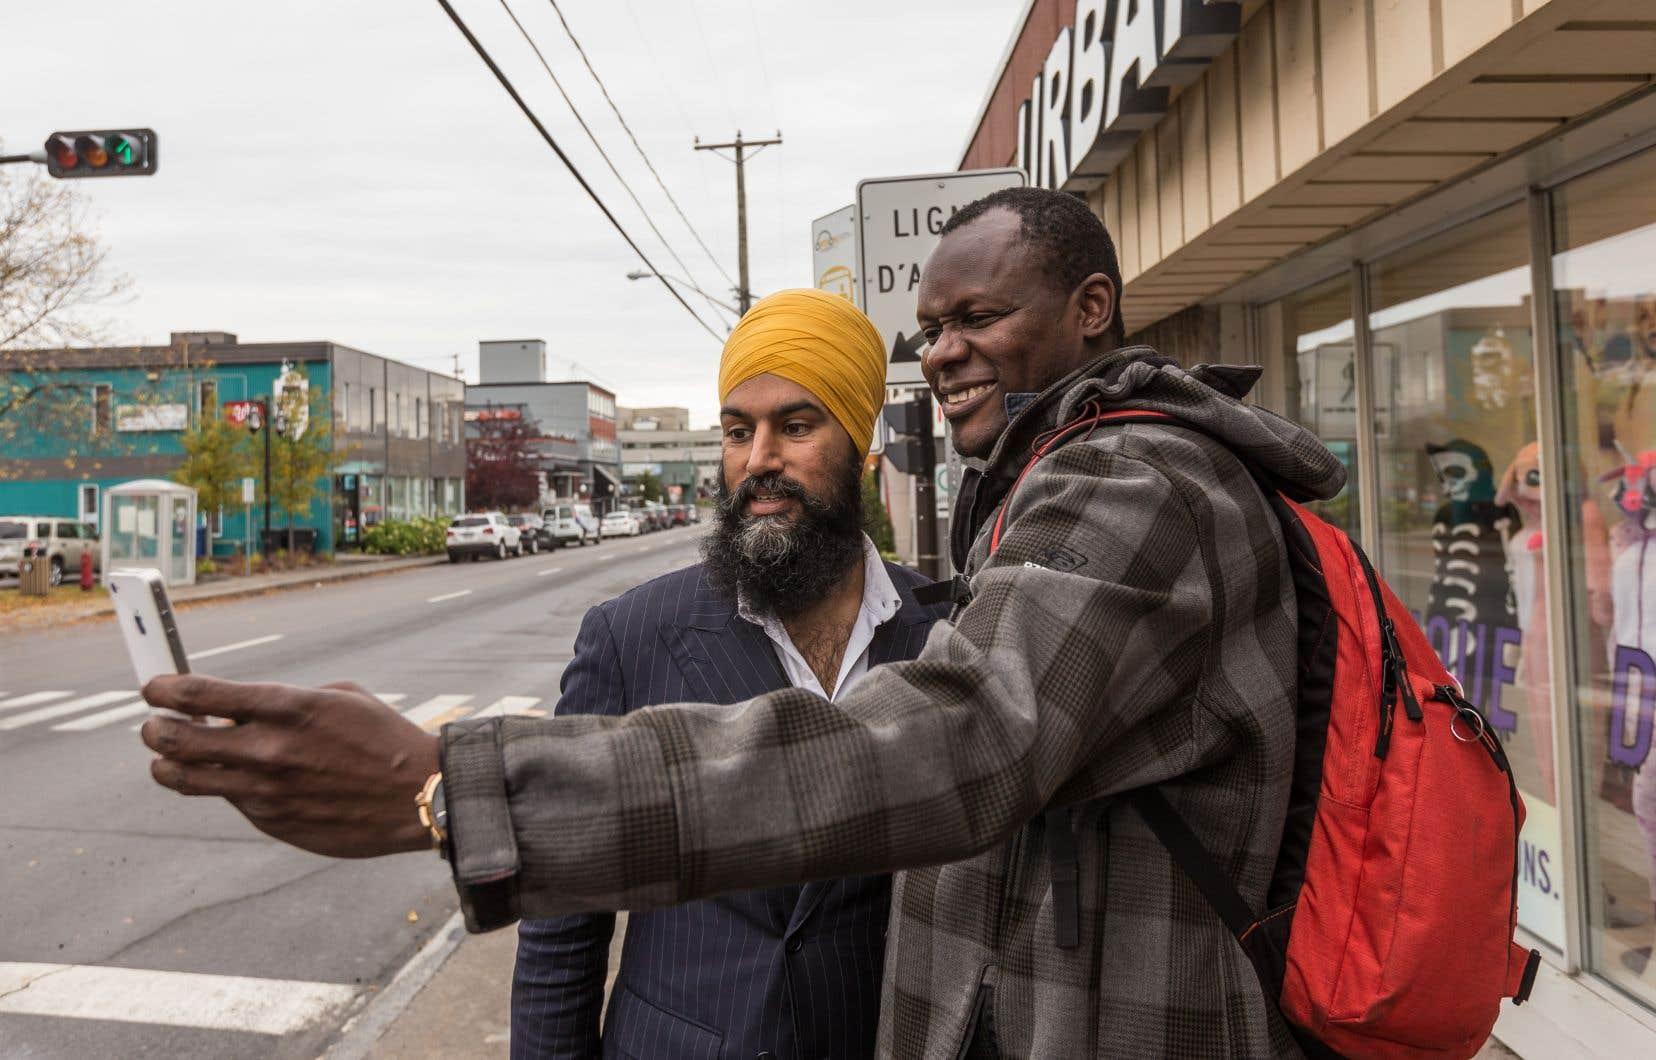 Âgé de 39 ans, adepte des selfies et d'Instagram, Jagmeet Singh veut séduire la même base électorale jeune et diversifiée que celle qui a propulsé Trudeau à la tête du gouvernement.